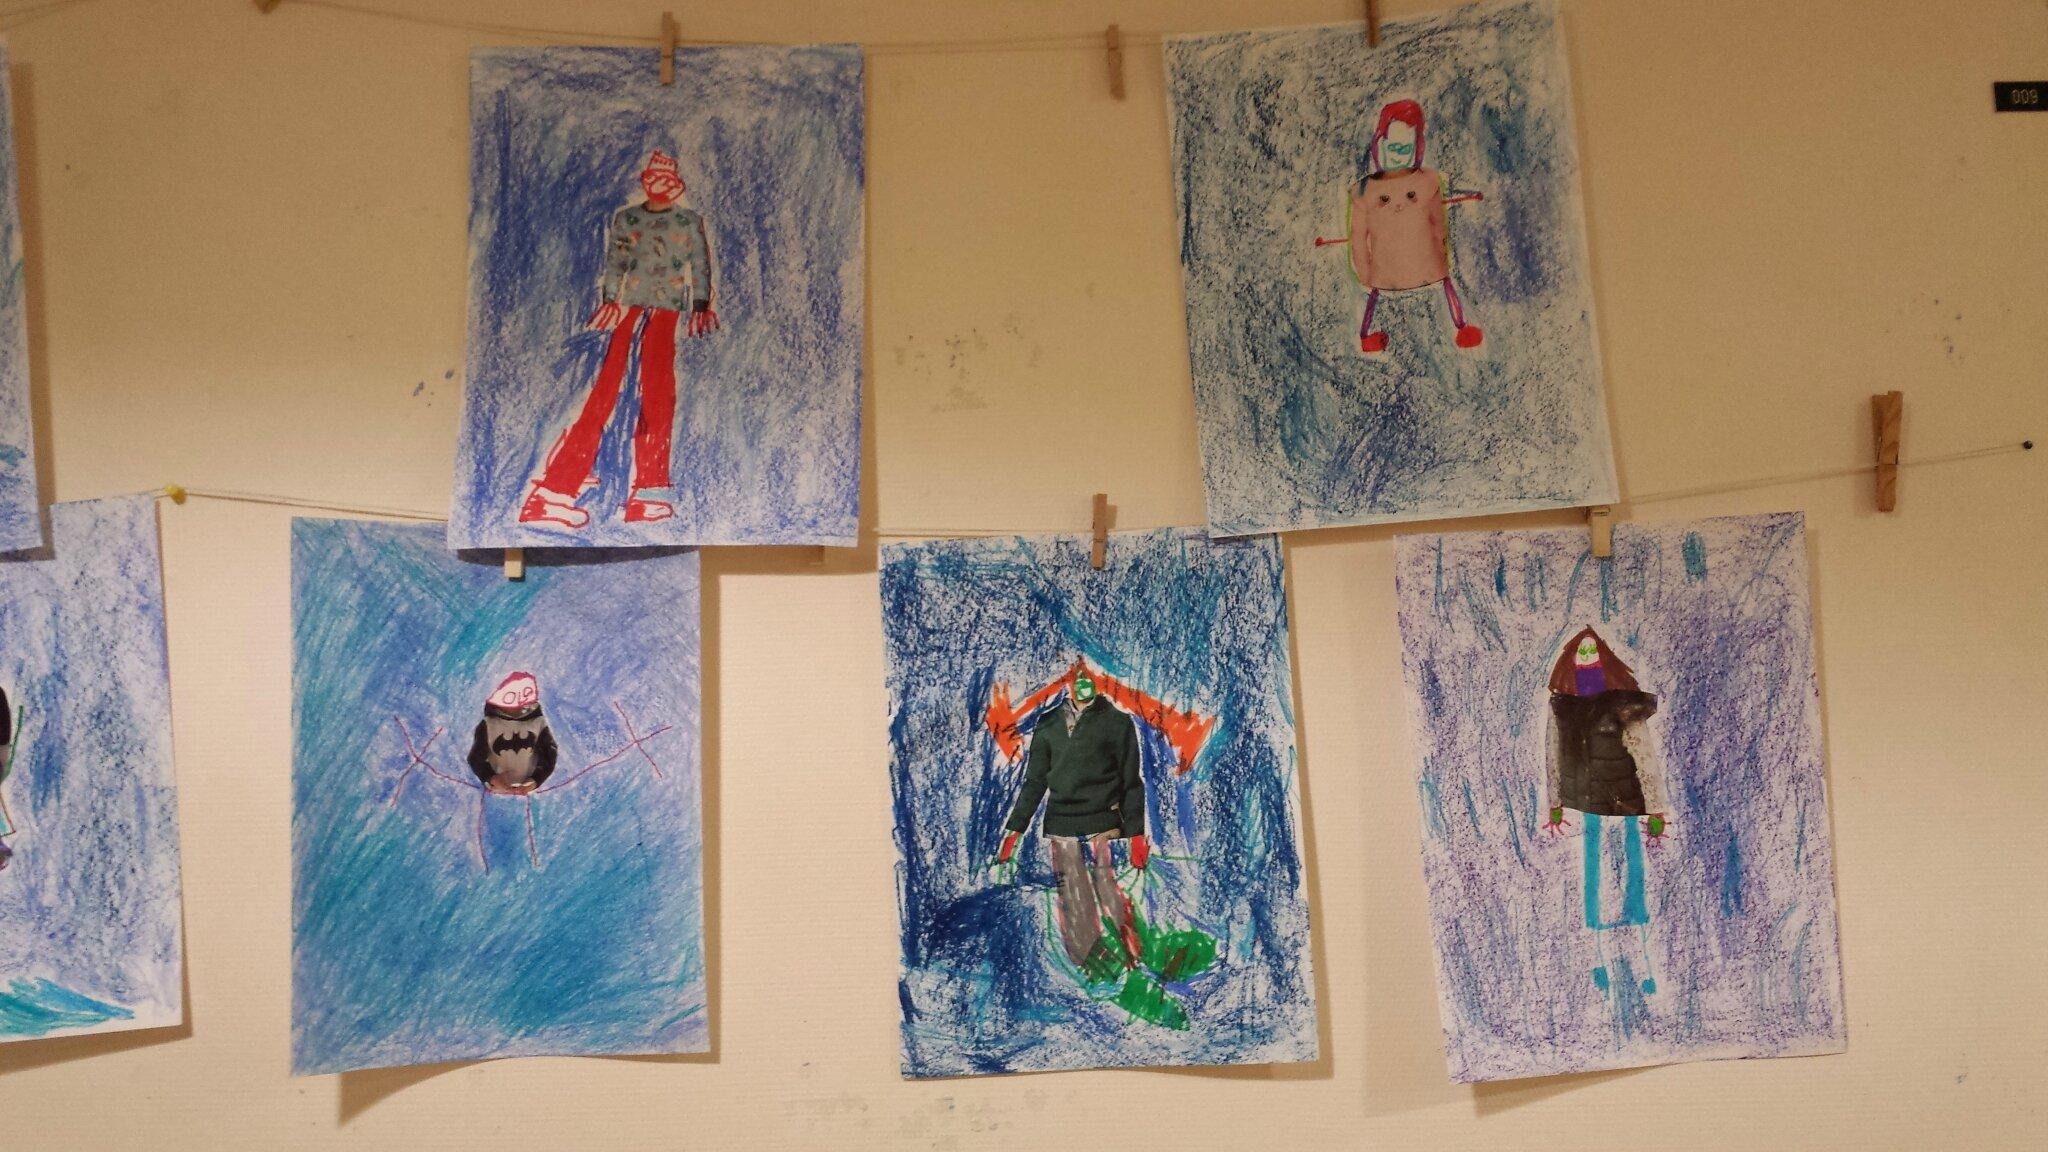 Decoration Maternelle Noel : Travail des grands d après la fillette en bleu de